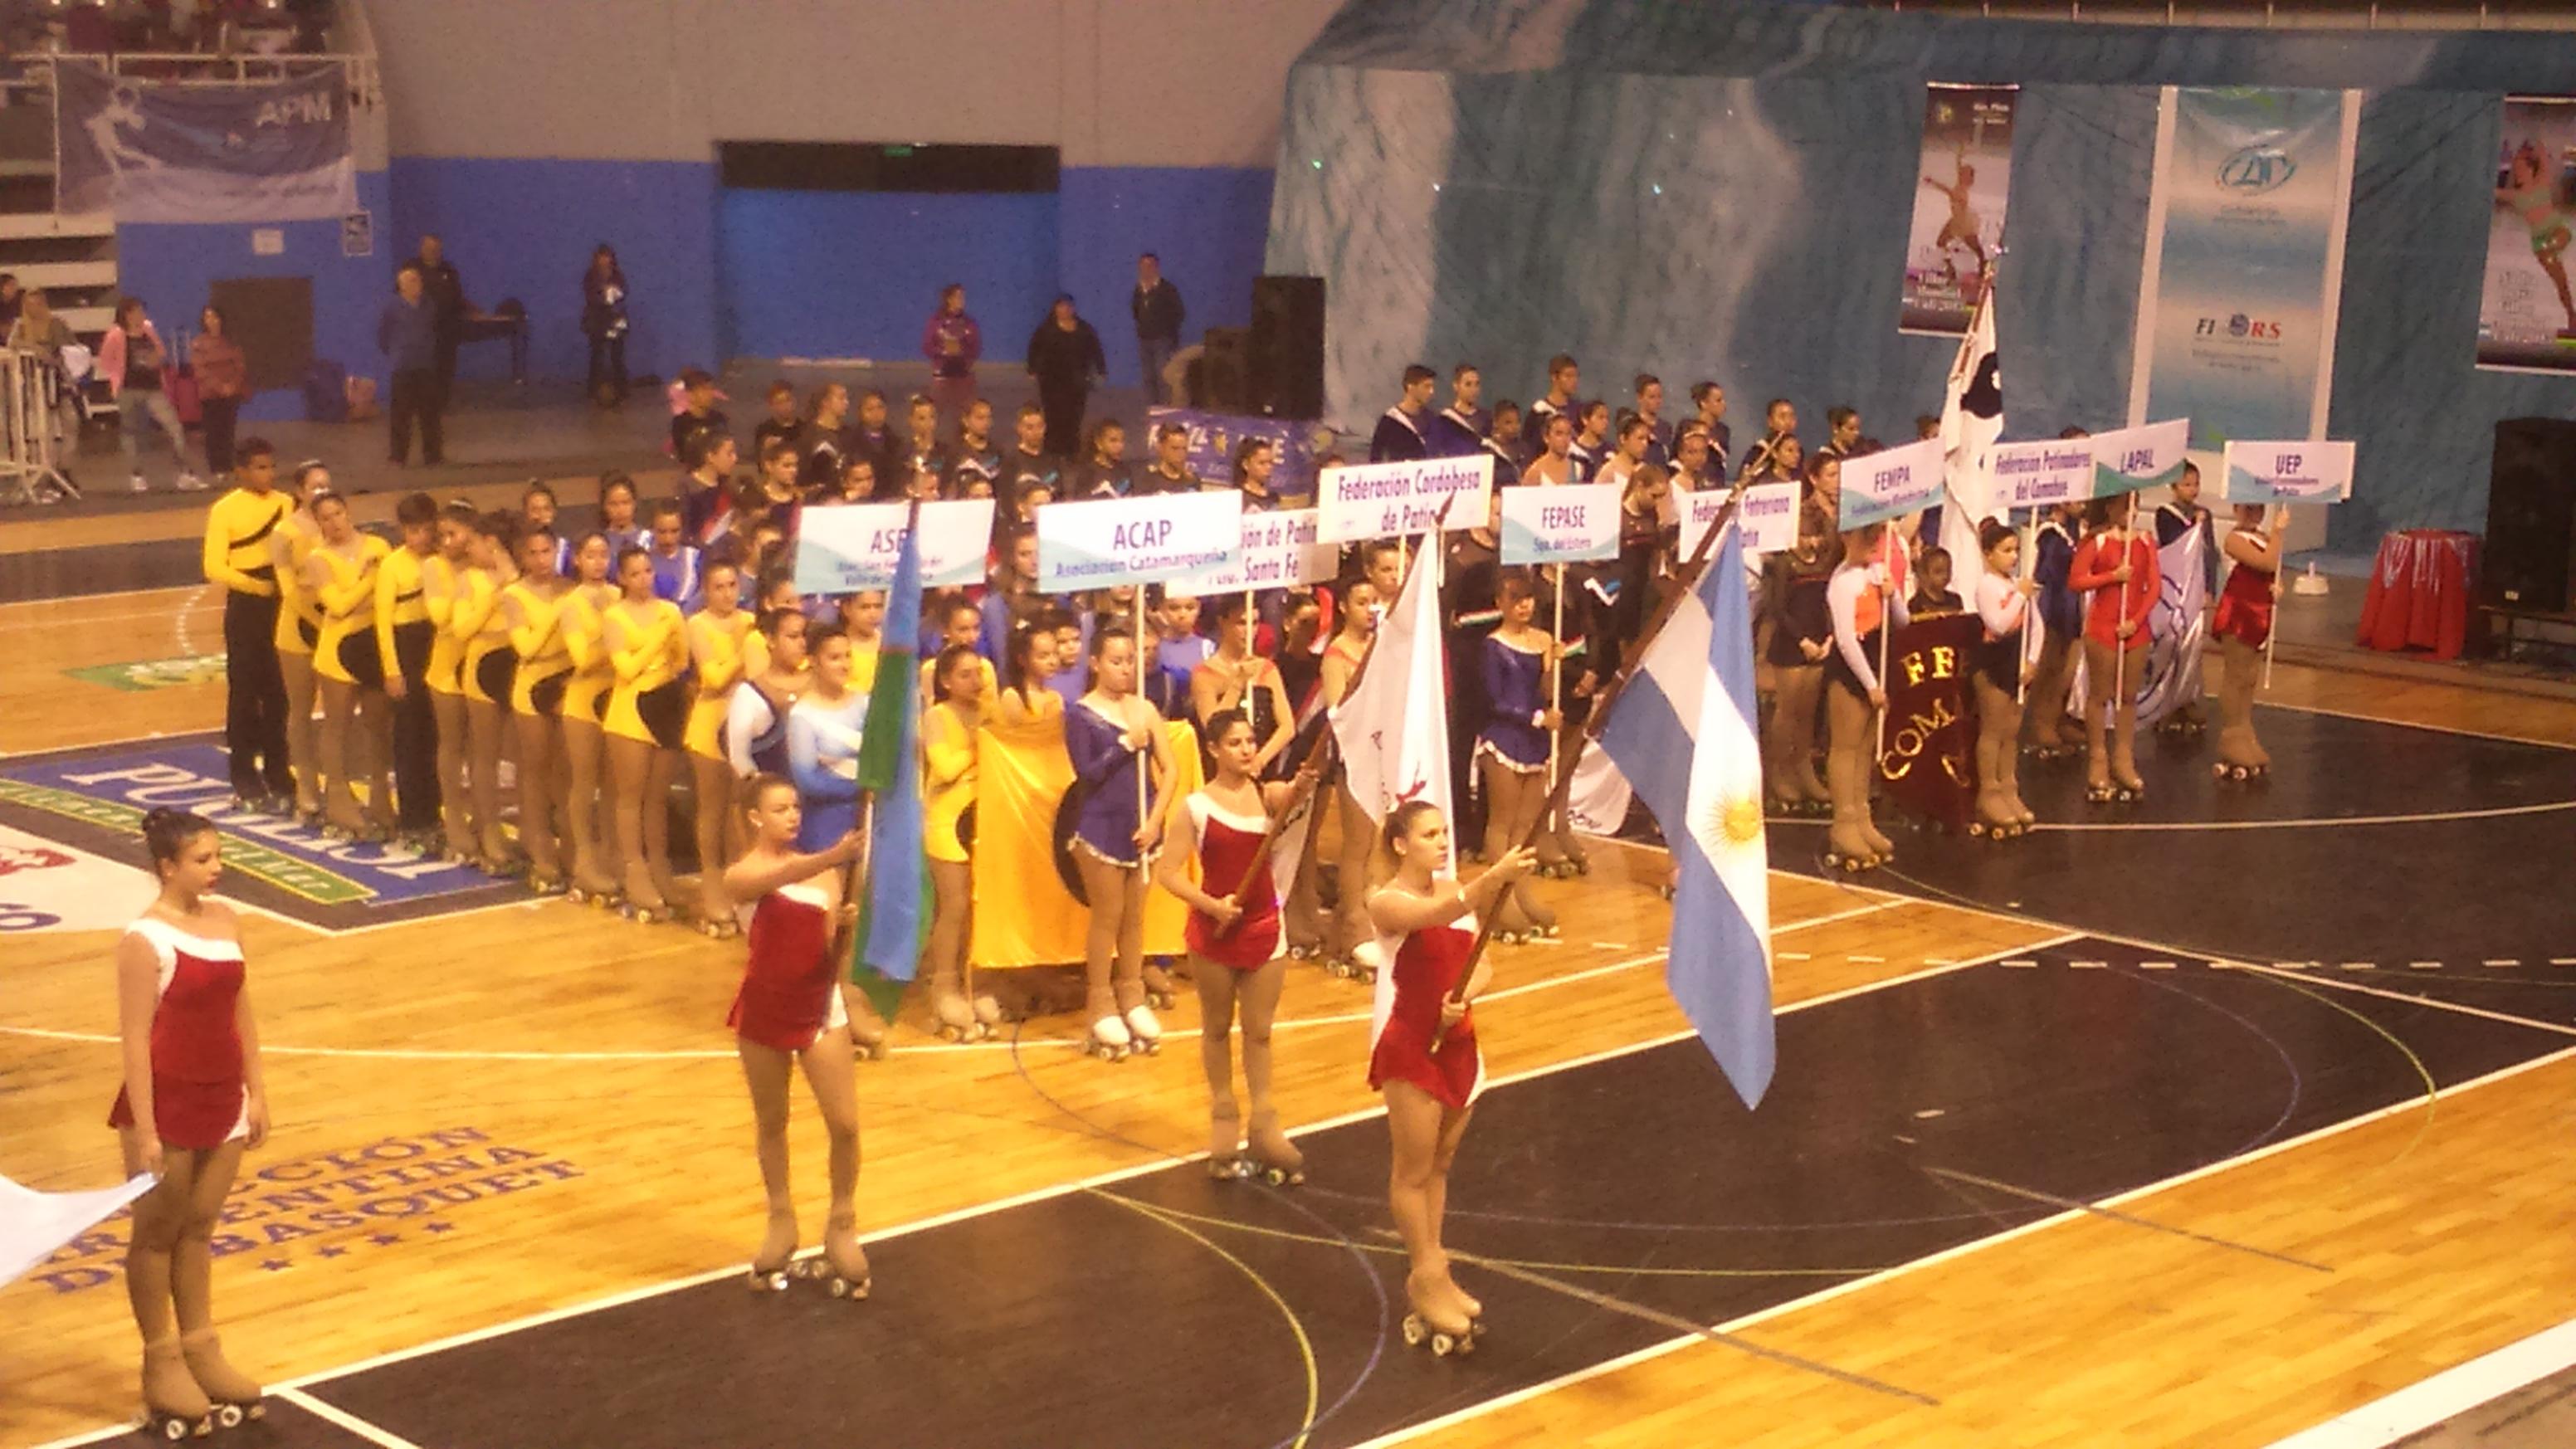 El momento de la ceremonia inaugural con el desfile de delegaciones.